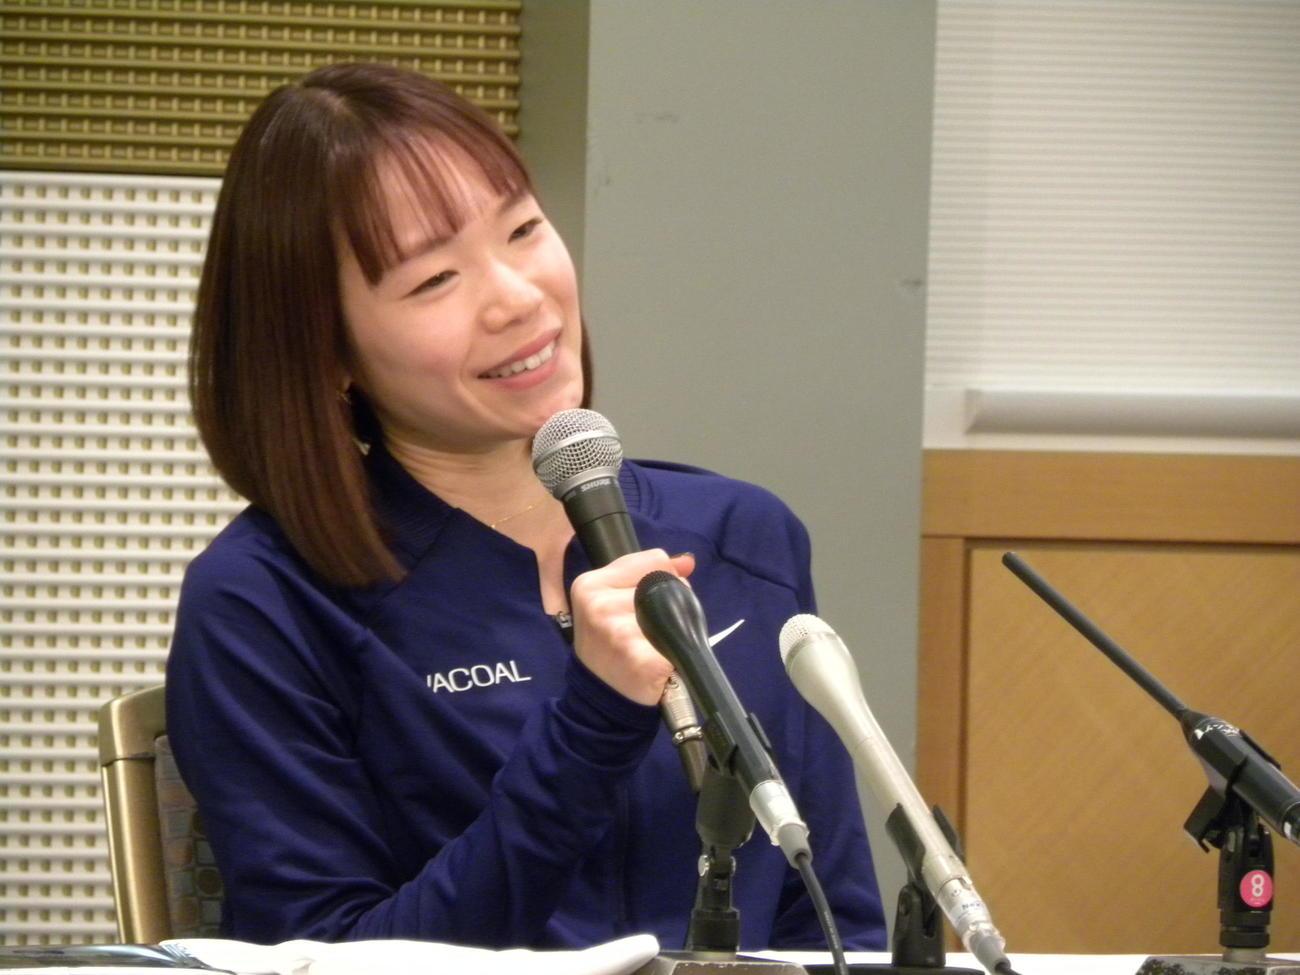 一山麻緒(2021年2月1日撮影)